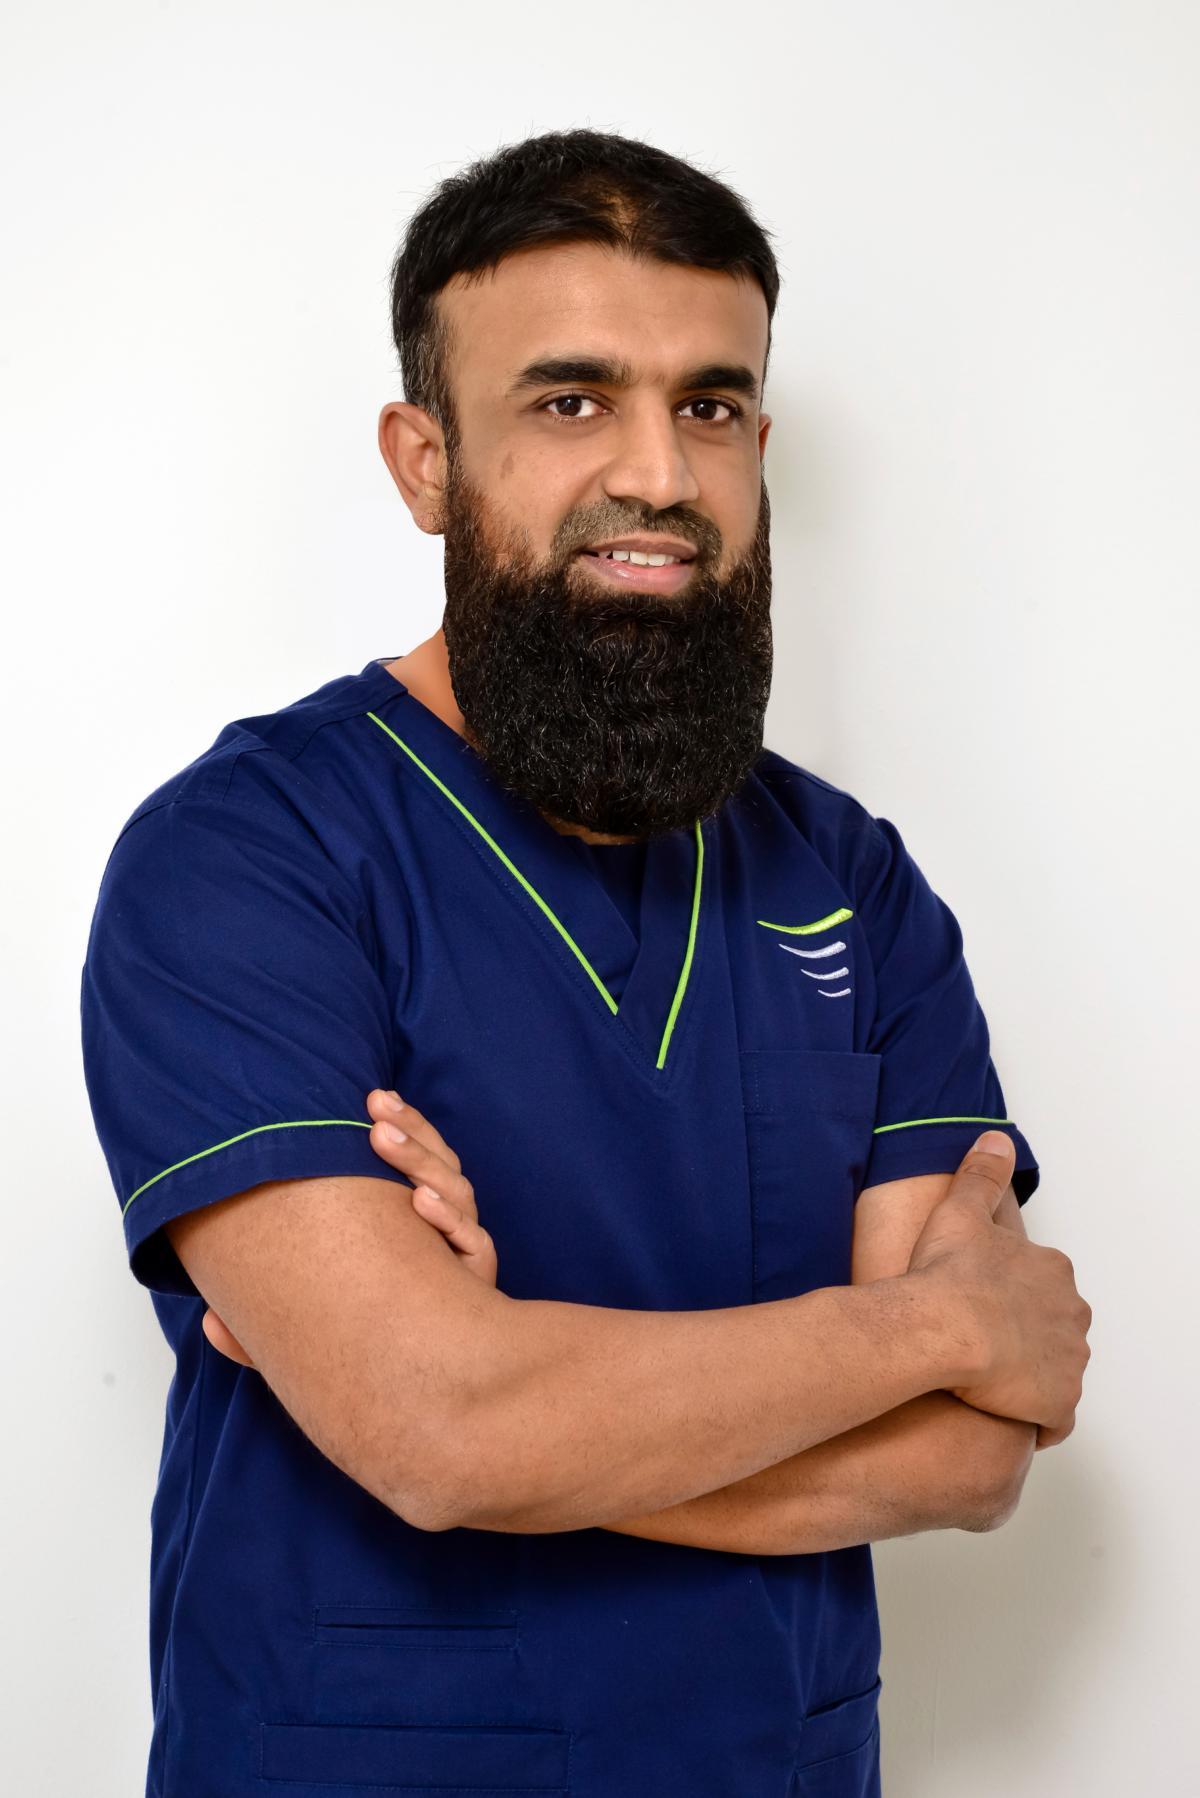 Dr. Tanveer Ahmed - Implantologist and Dental Surgeon Dubai